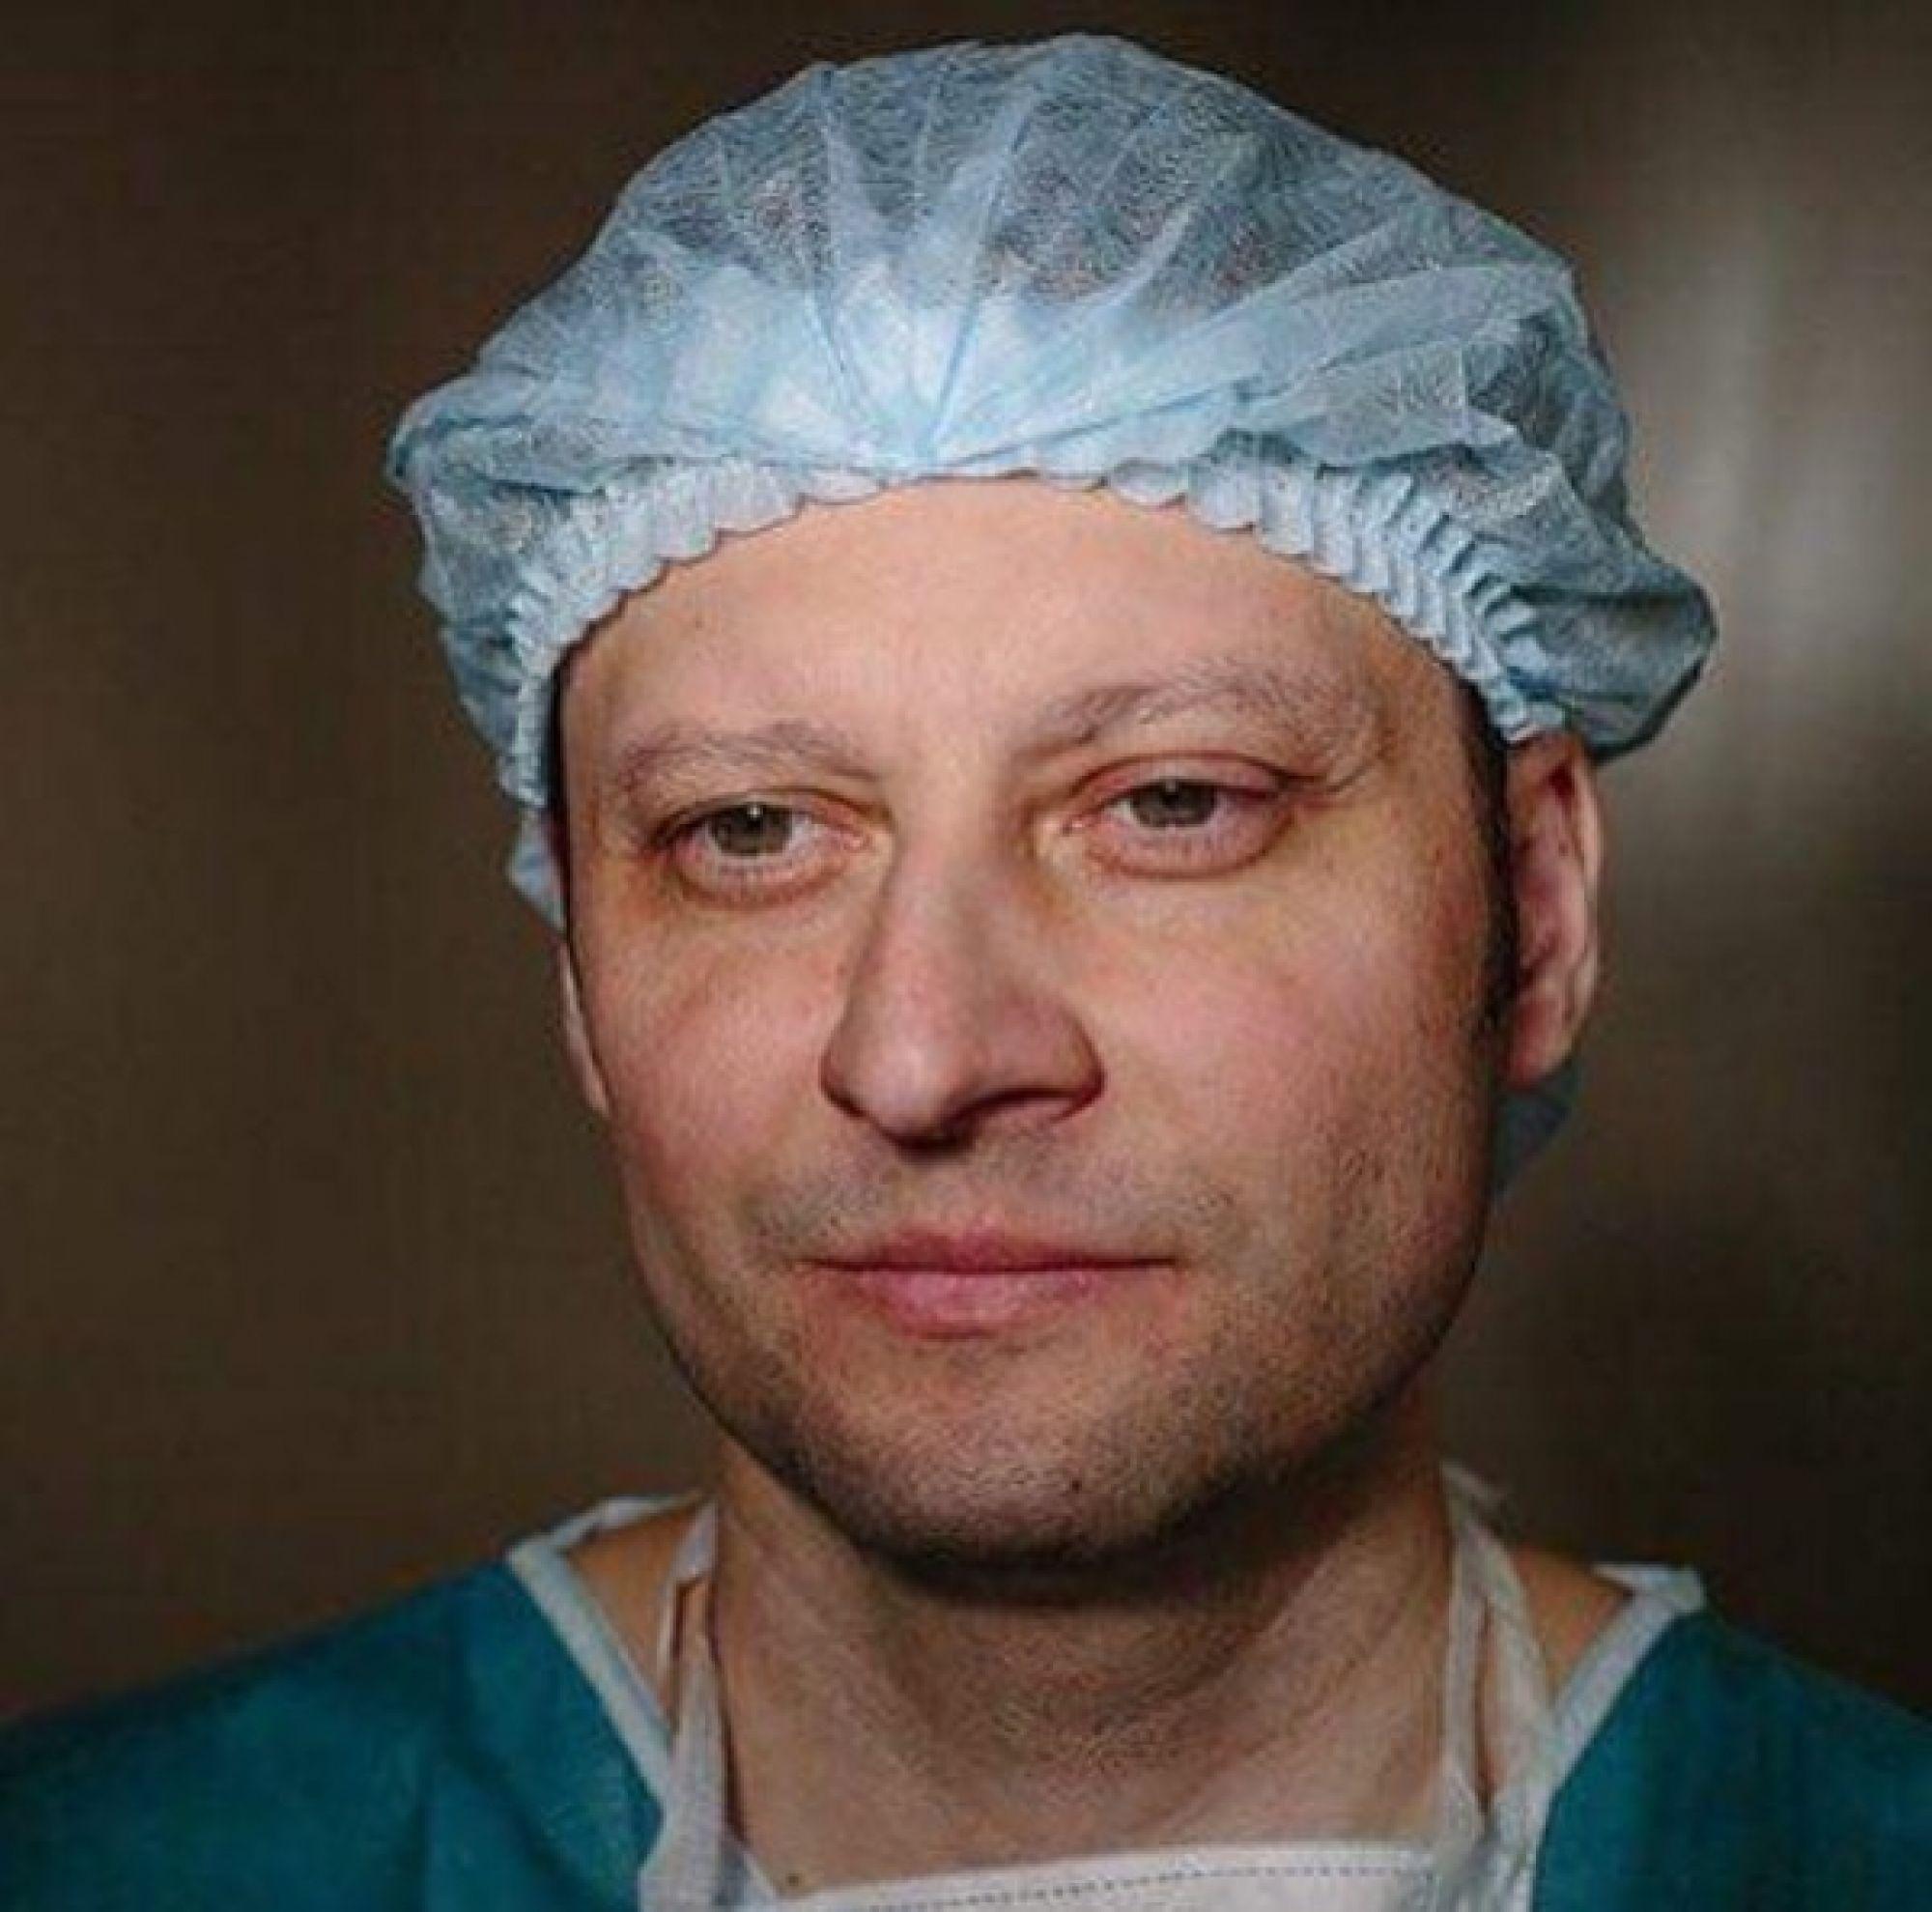 """""""Мне не повезло, а у вас есть шанс"""": Андрей Павленко прощается с жизнью, но продолжает мотивировать других больных в борьбе с раком"""